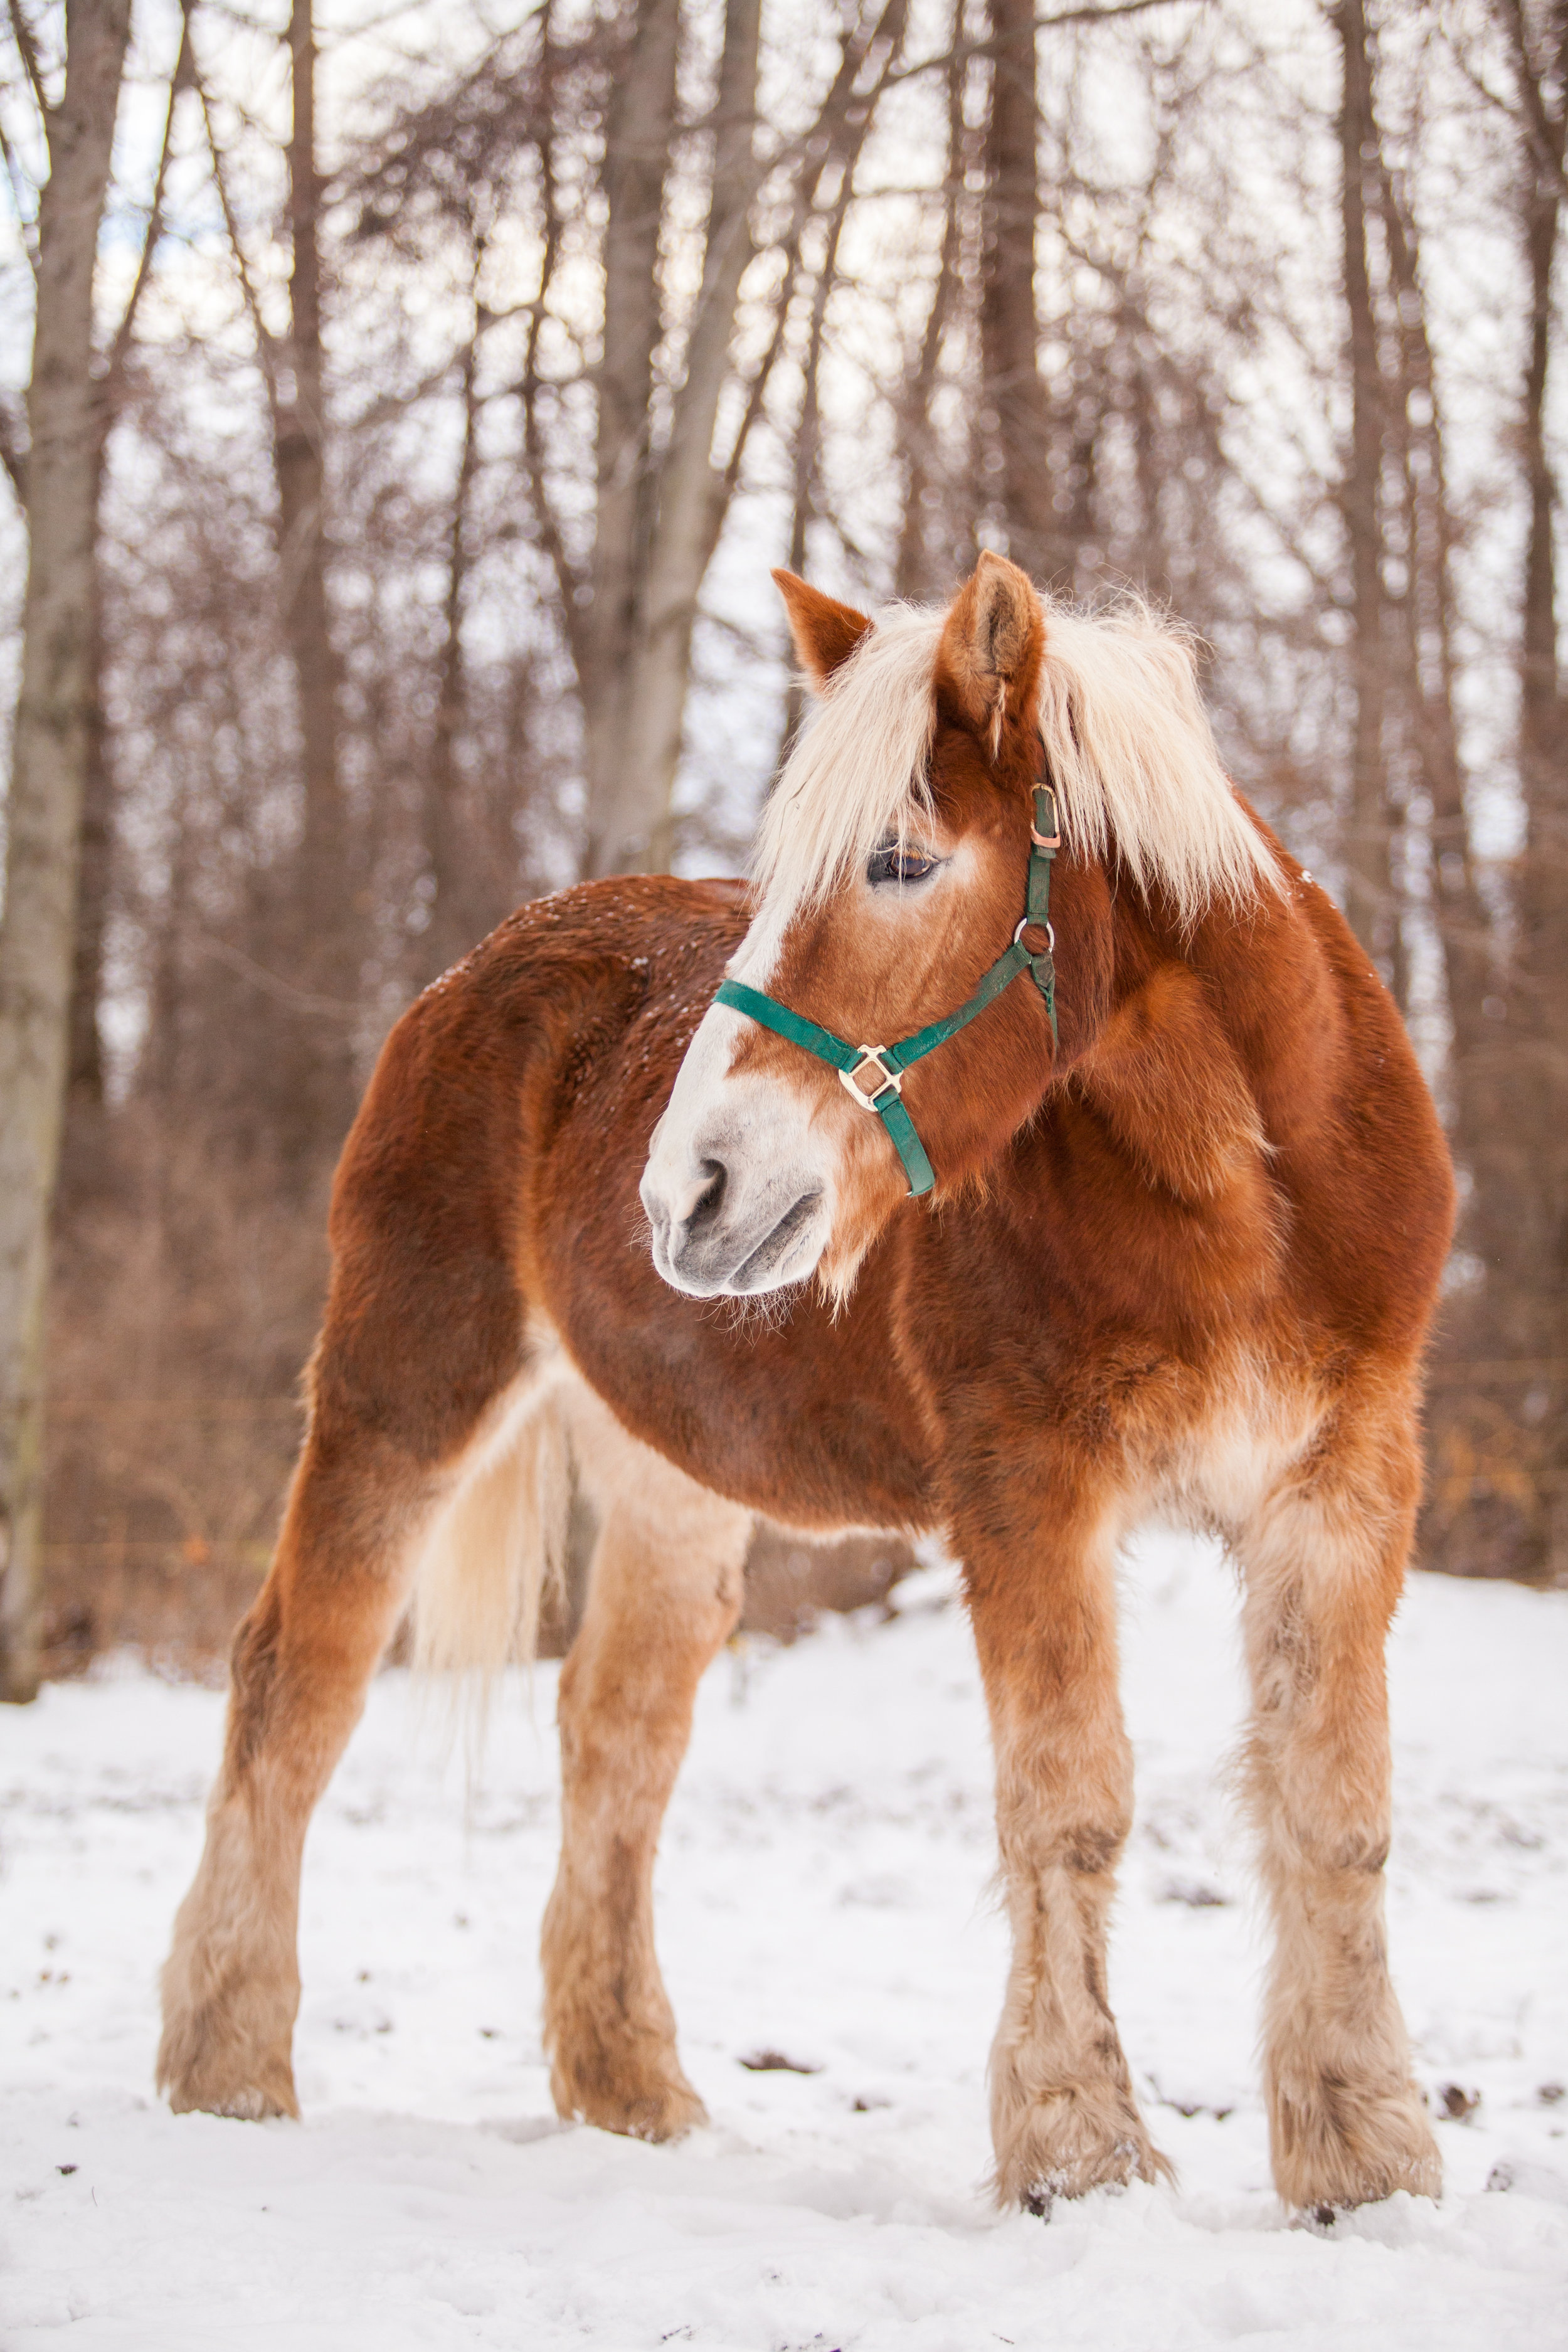 Izzy the horse